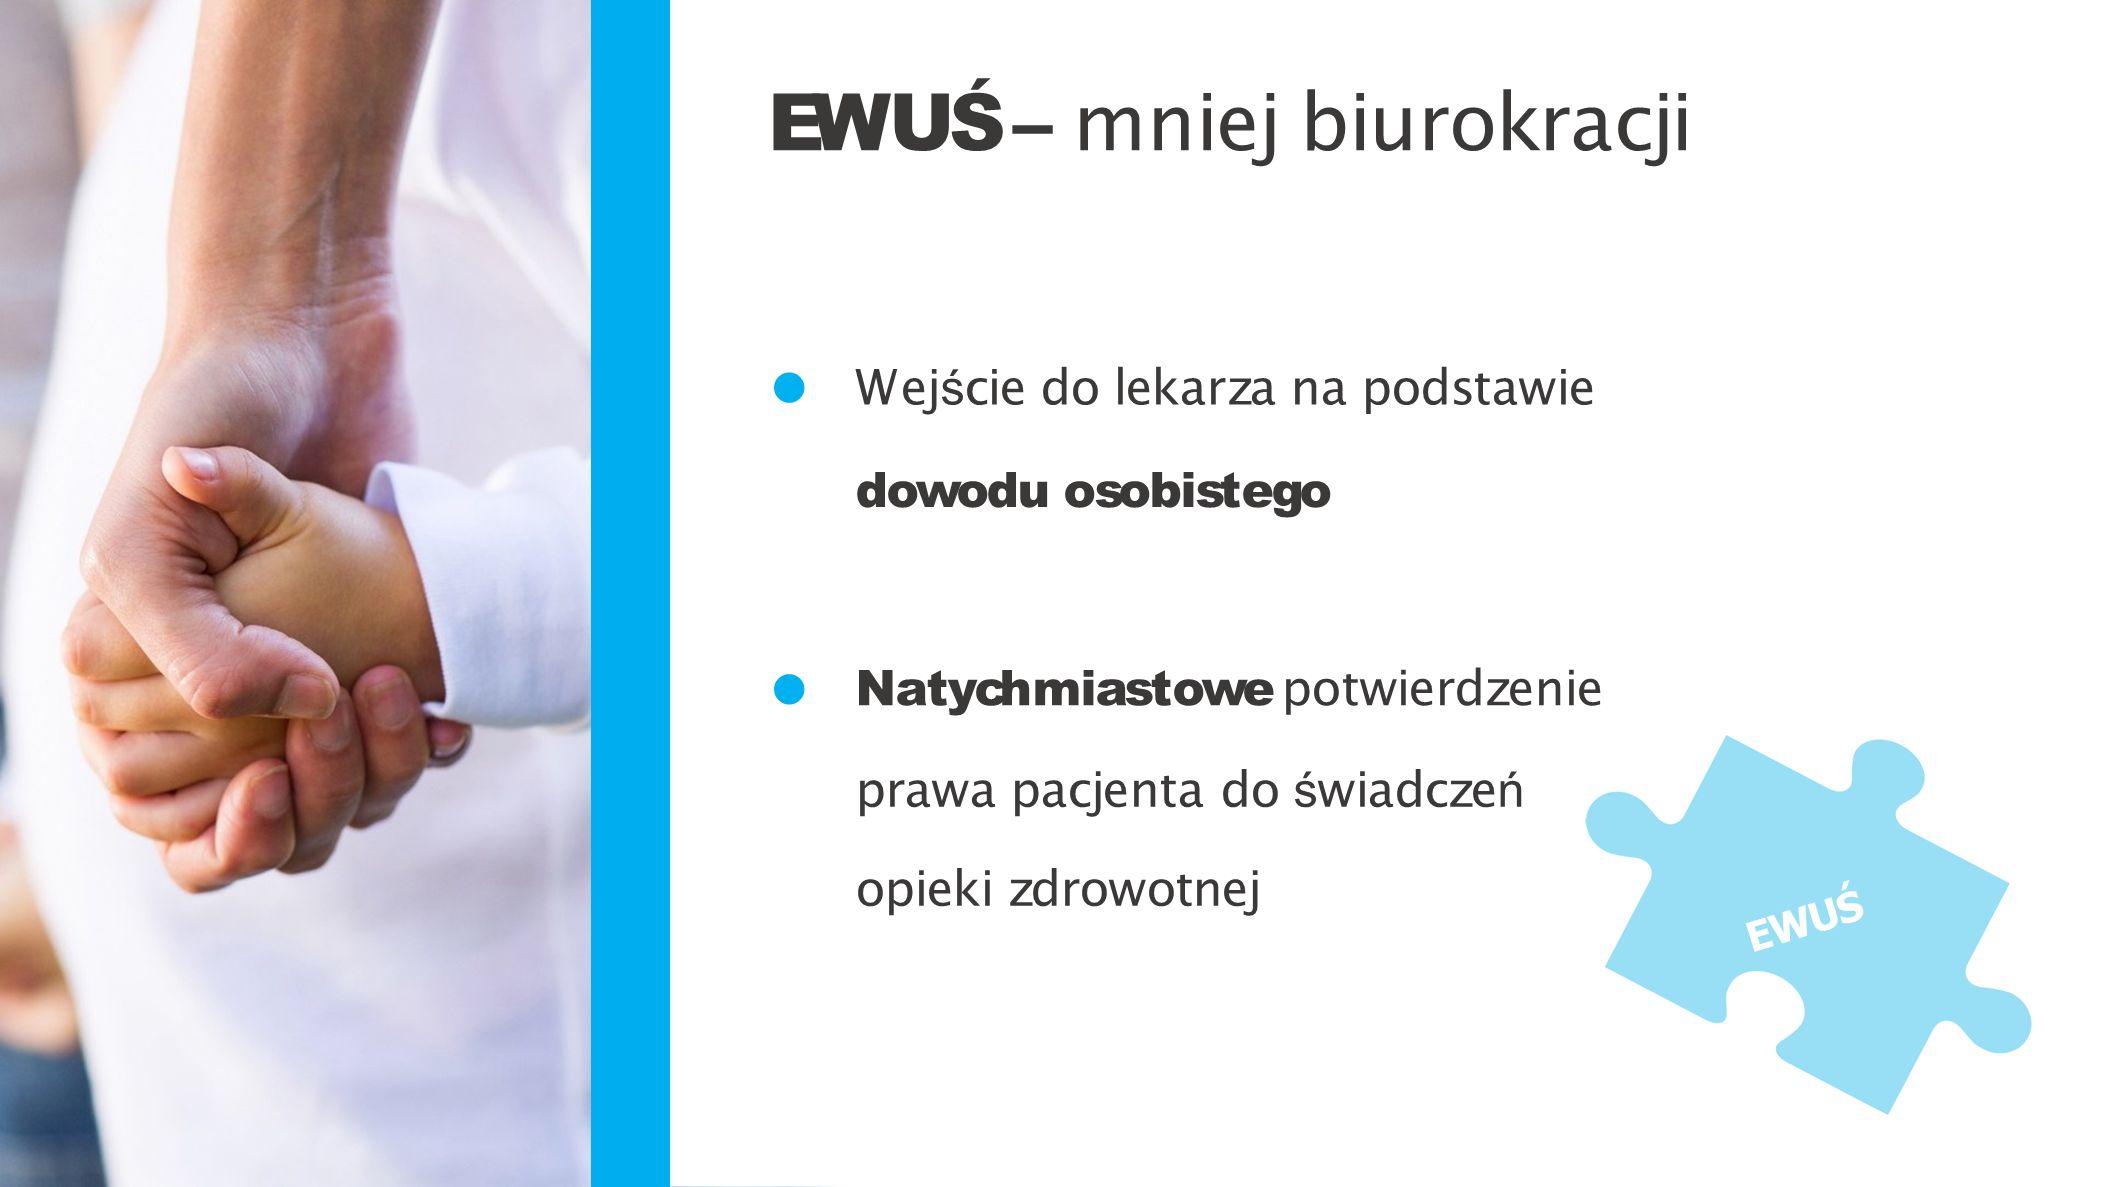 Wej ś cie do lekarza na podstawie dowodu osobistegodowodu osobistego Natychmiastowe potwierdzenie prawa pacjenta do ś wiadcze ń opieki zdrowotnej EWUŚ